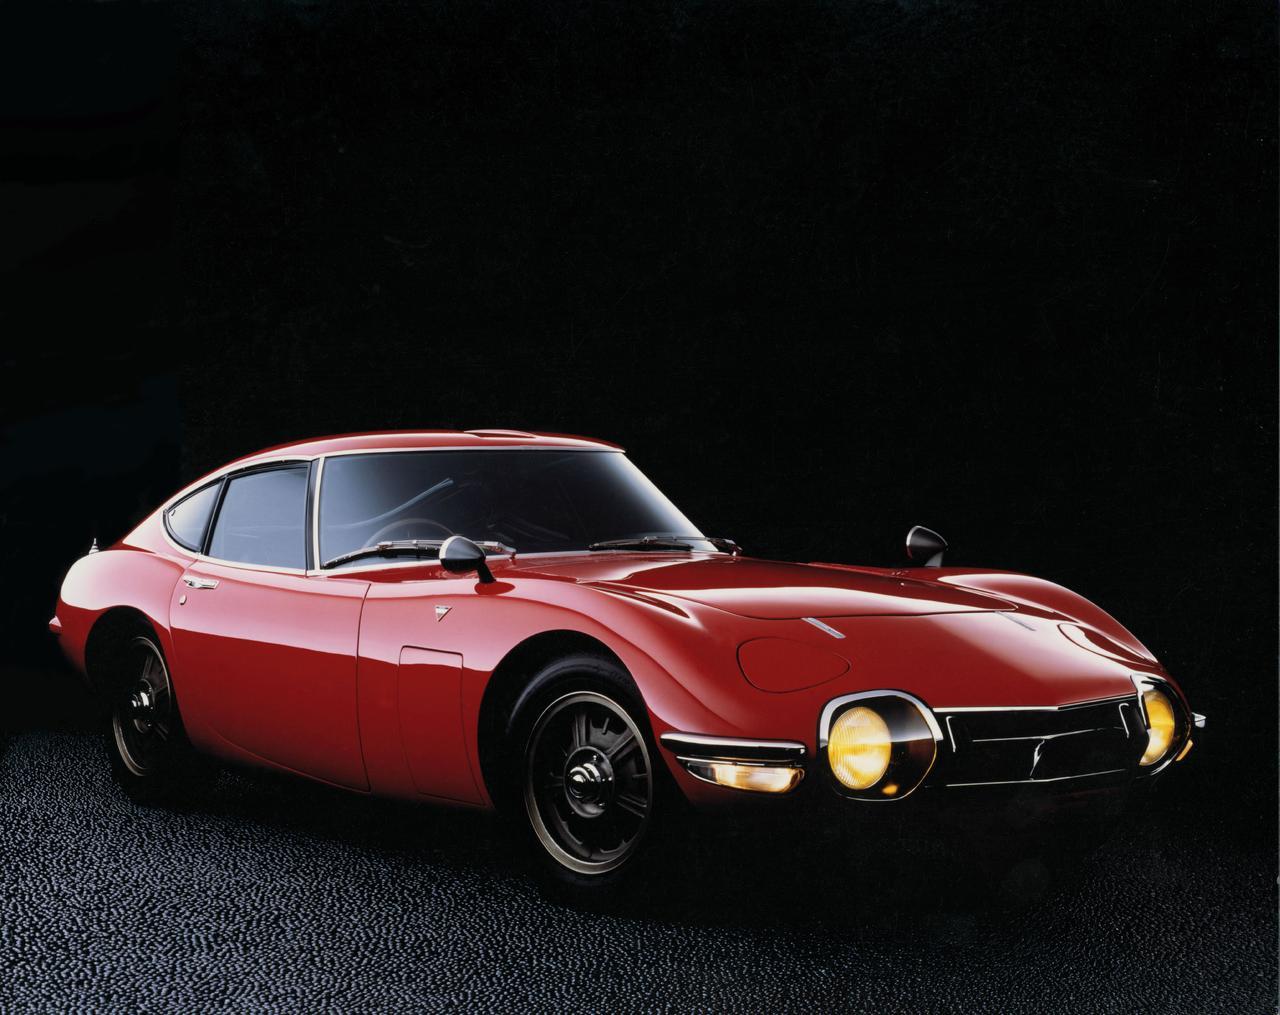 Images : 1番目の画像 - 「【今日は何の日?】トヨタ2000GT発売 「世界中を驚かせたジャパニーズスーパーカー」52年前 1967年5月16日」のアルバム - Webモーターマガジン